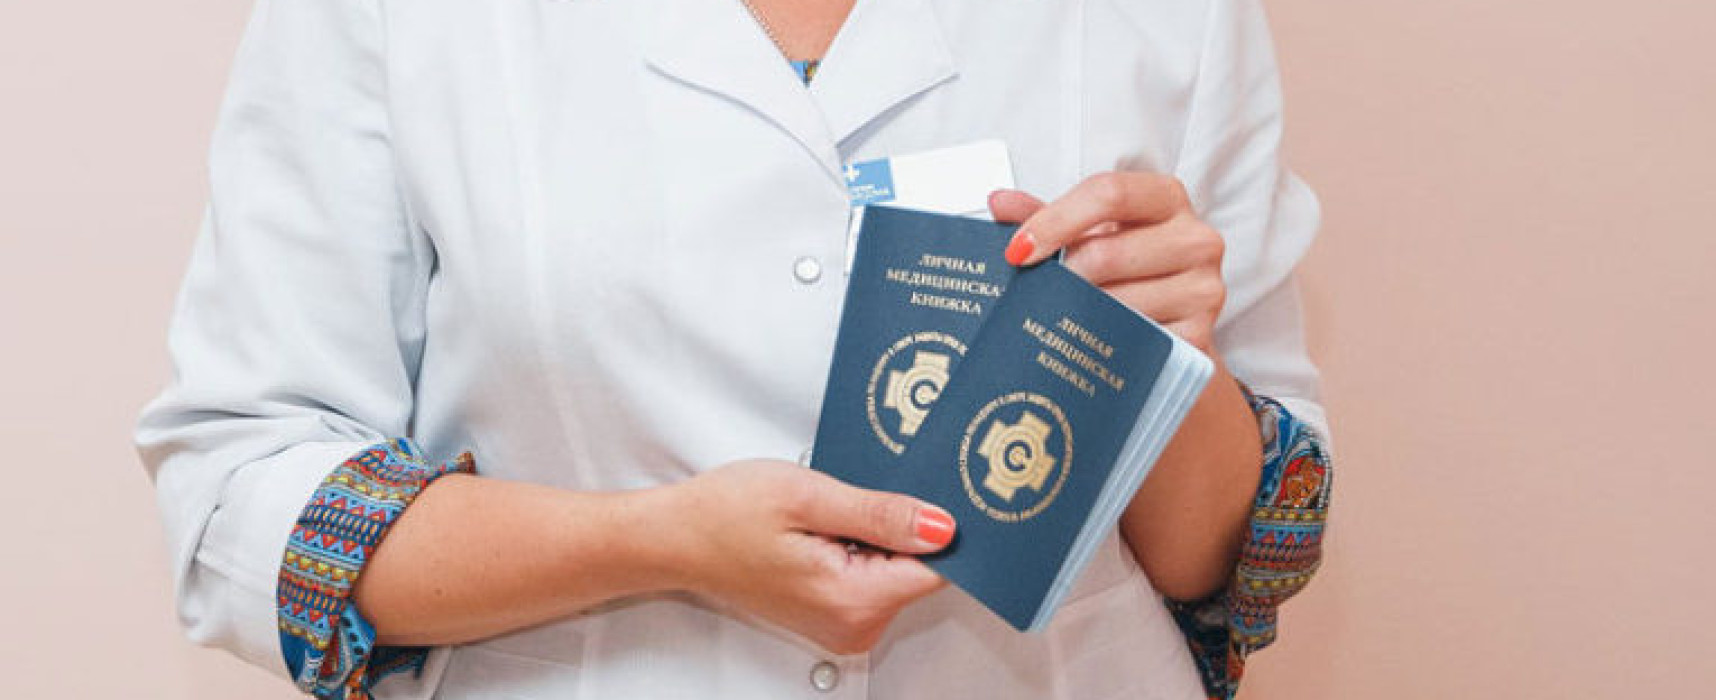 Как правильно оформить медицинскую книжку при трудоустройстве